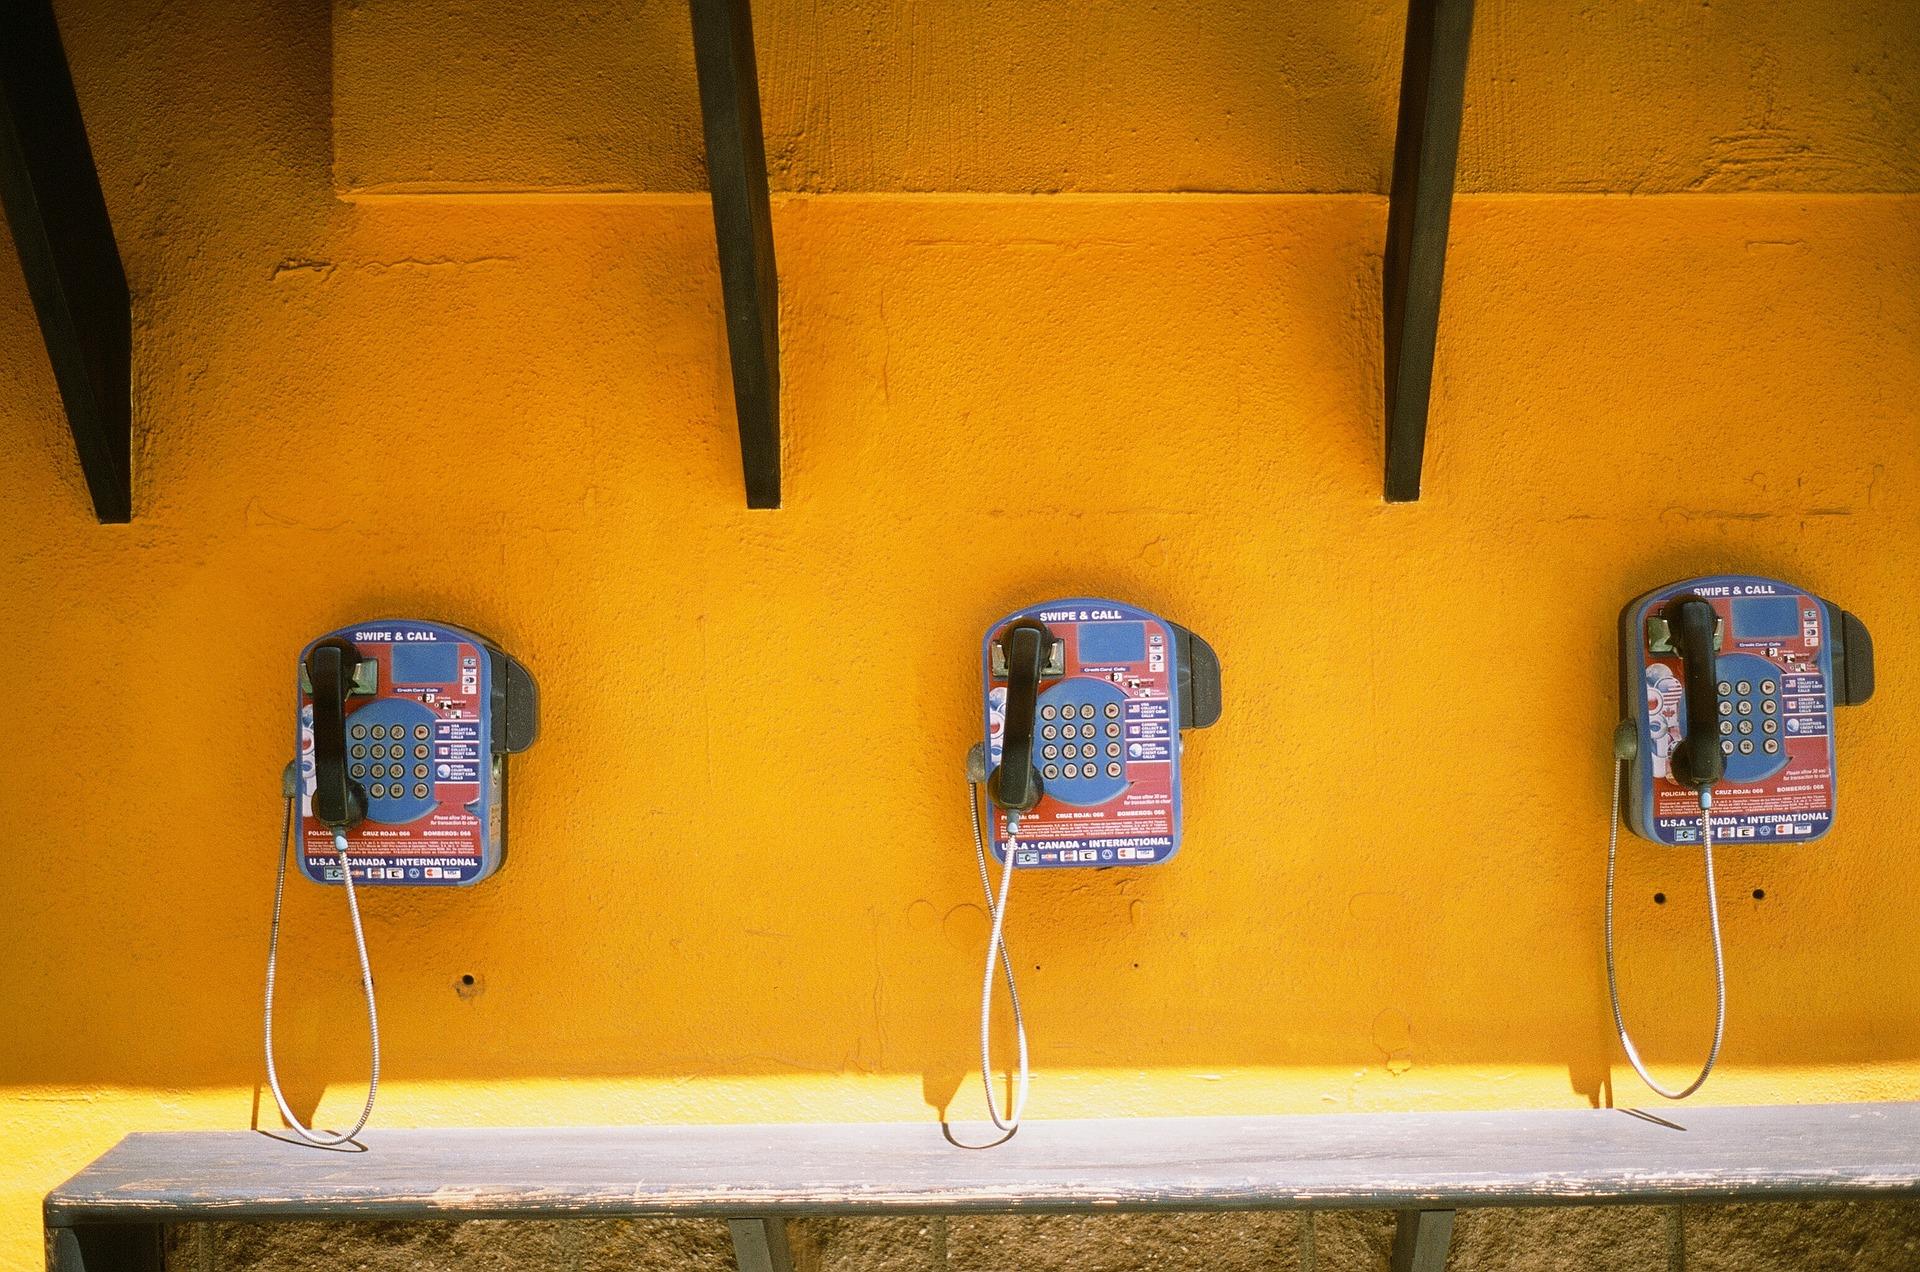 שיווק בווטסאפ: 4 דרכים מפתיעות לקידום העסק דרך ווטסאפ